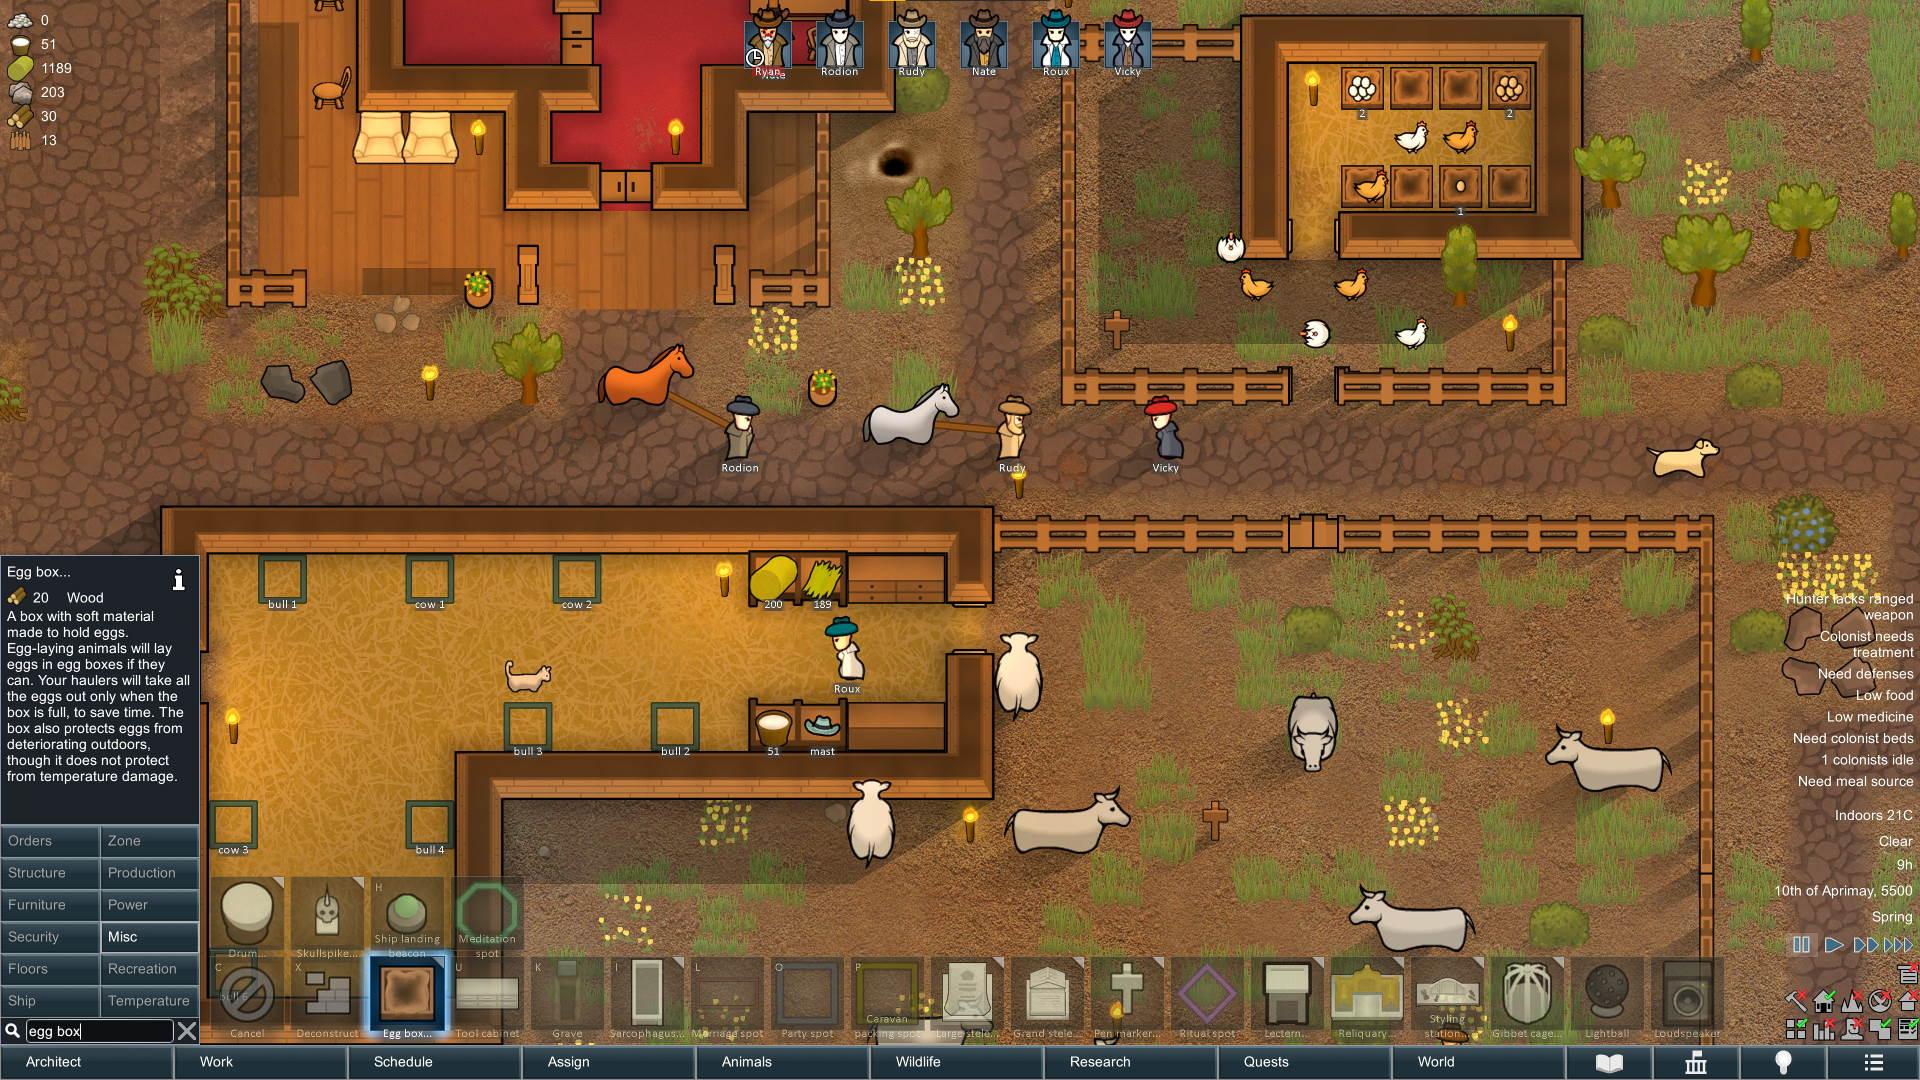 Ställe und Gehege für Tiere in Version 1.3 von RimWorld